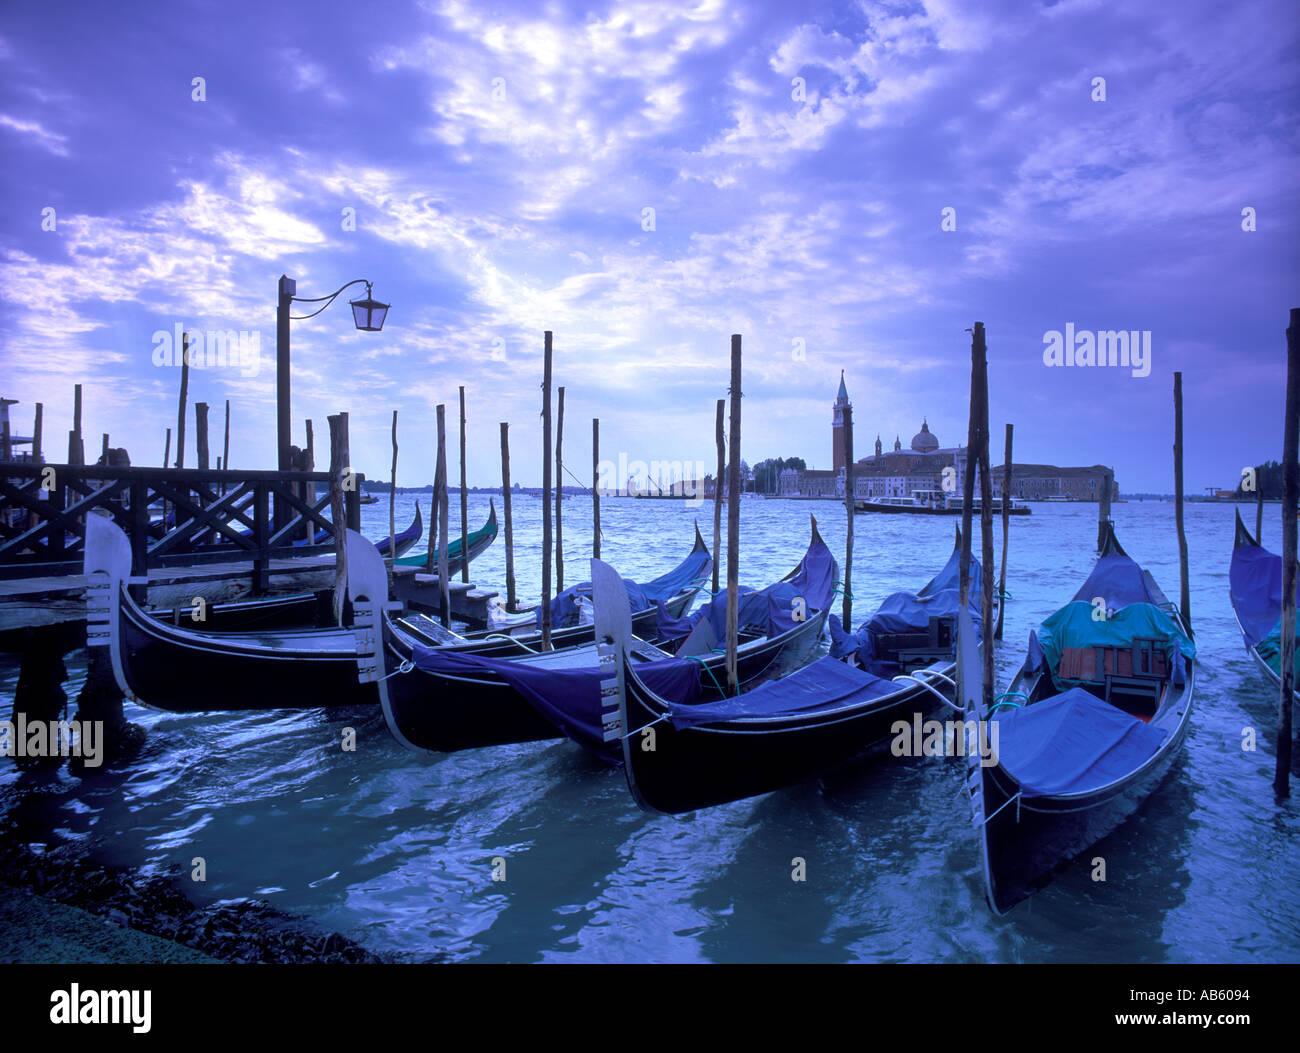 Italy, Veneto, Venice, San Giorgio Maggiore Church across Basino di San Marco, Gondolas Stock Photo